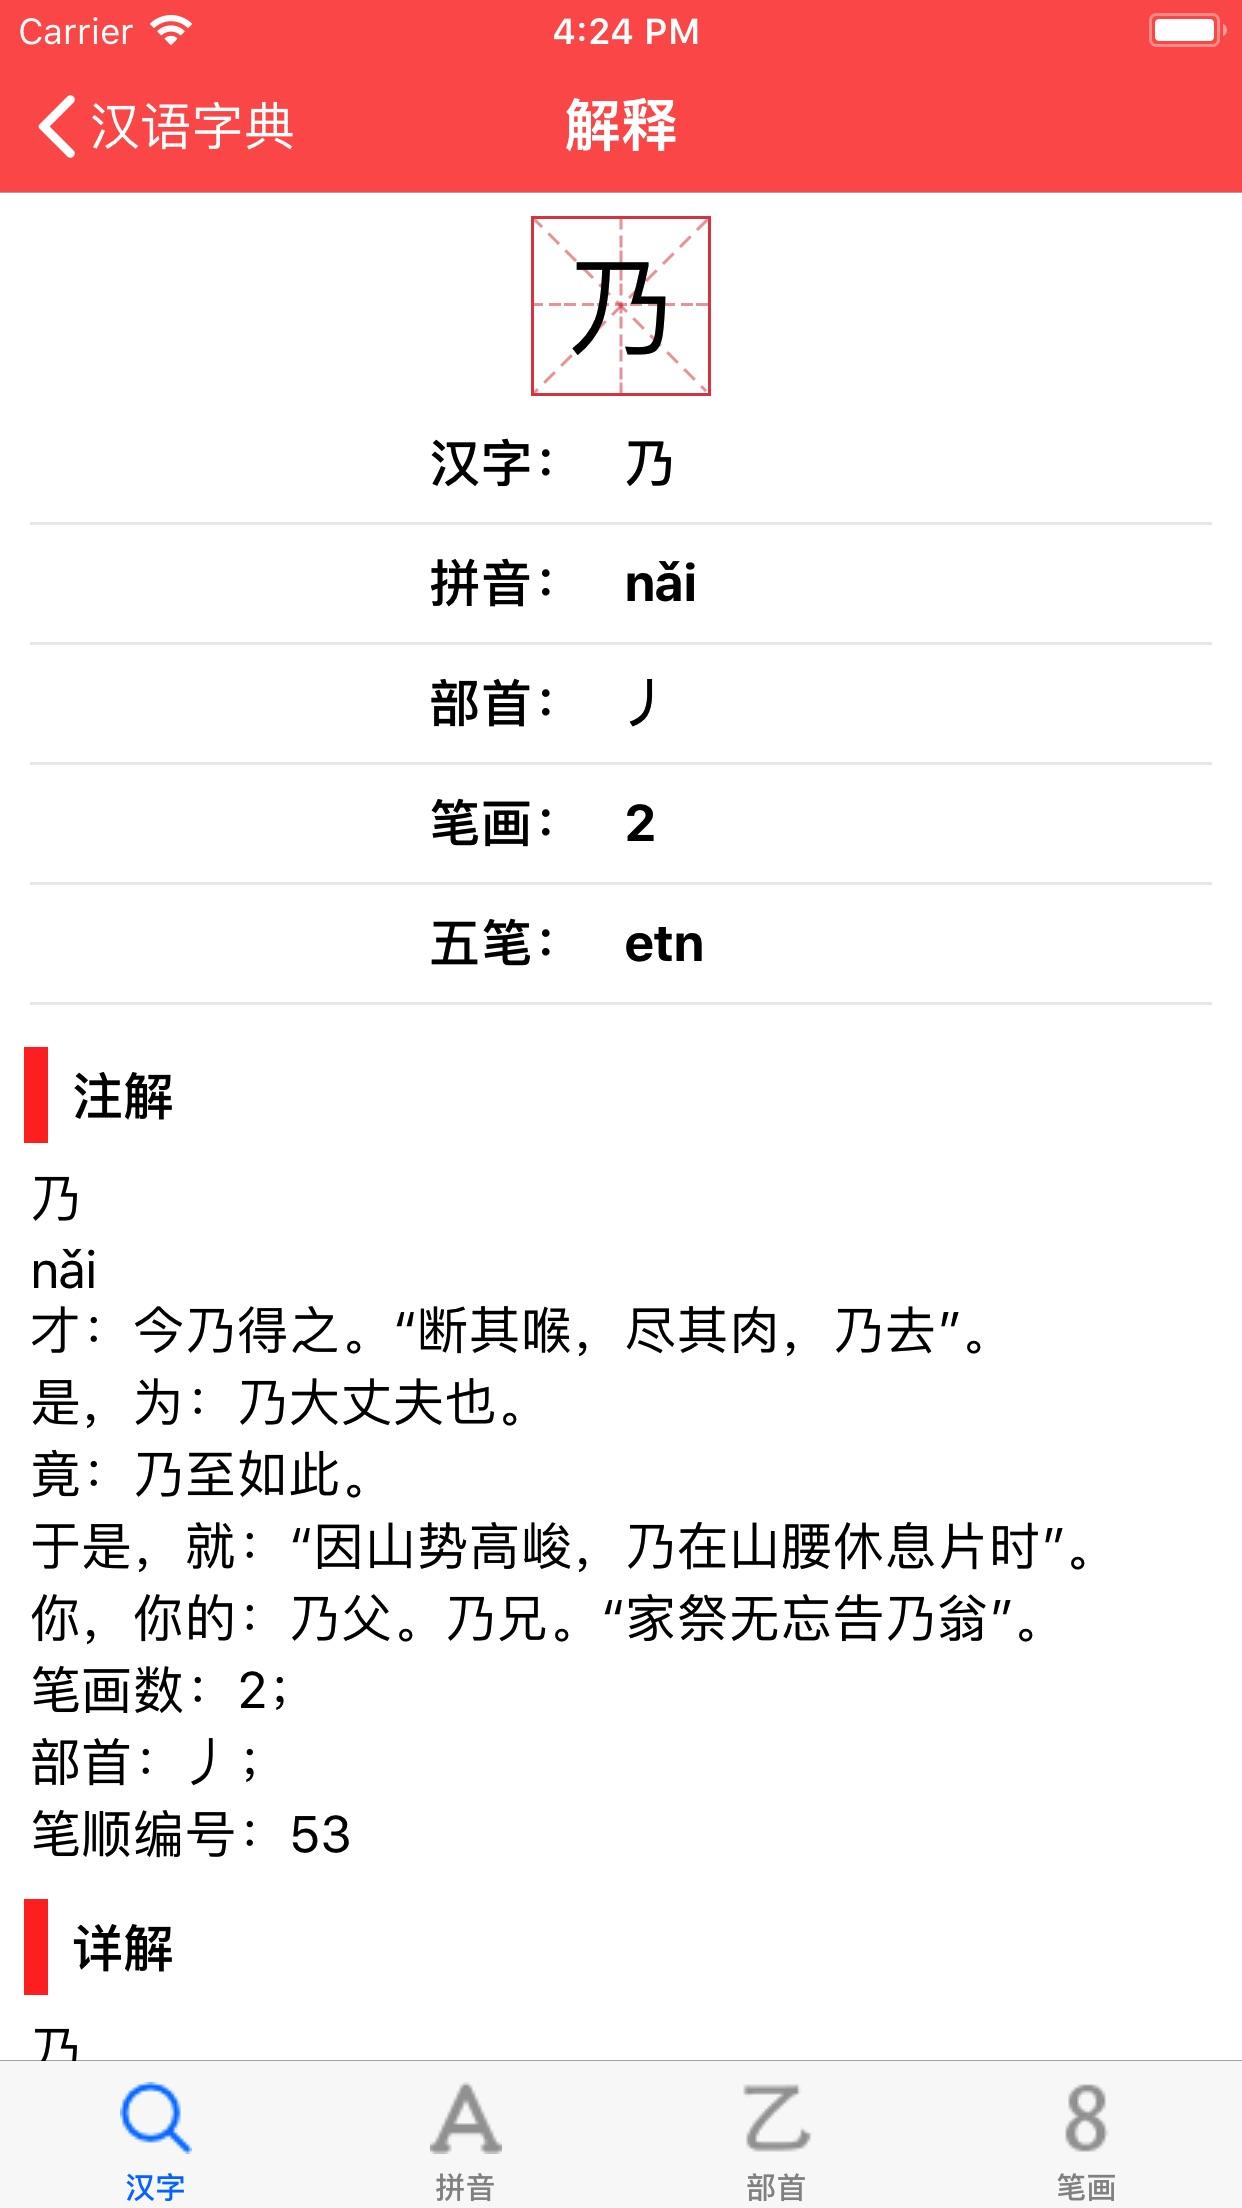 新华汉语字典-按部首 拼音 笔画 离线查询 Screenshot